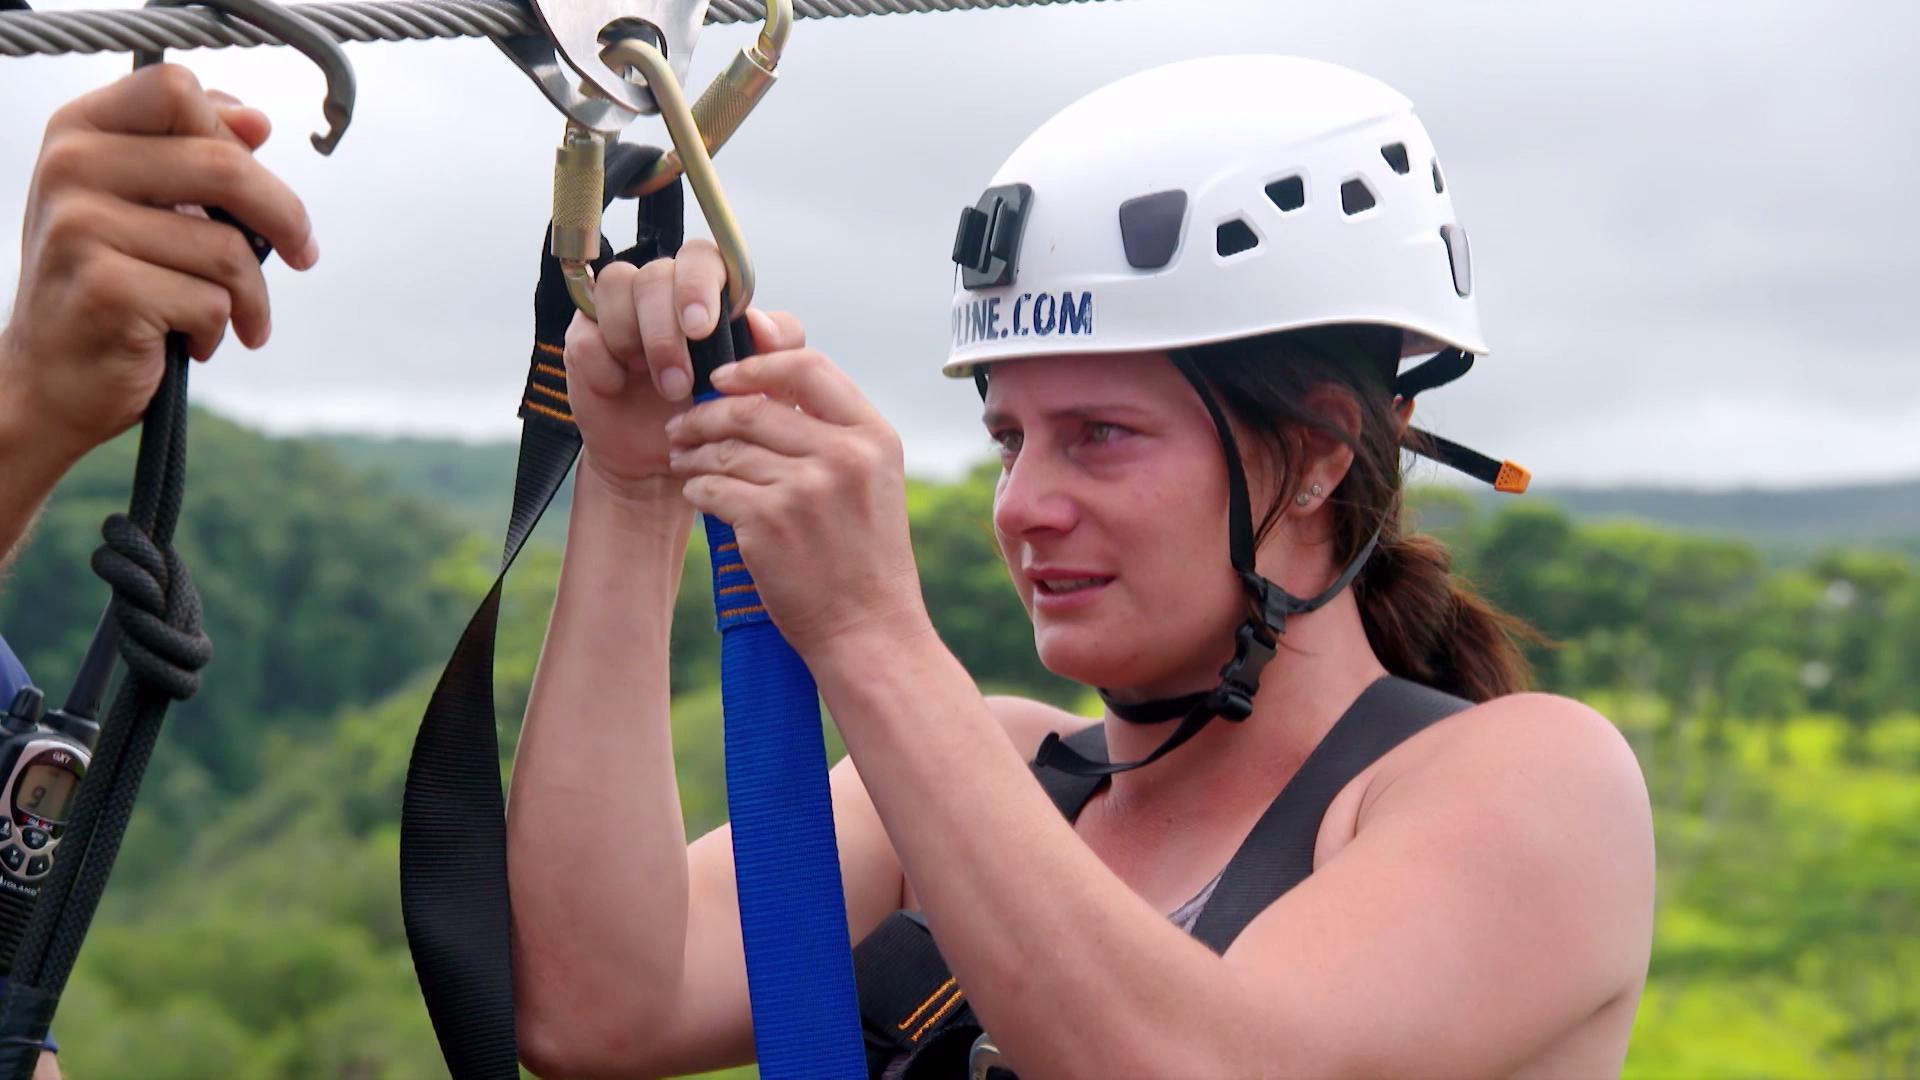 Zip-line adventure leaves cowgirl in tears